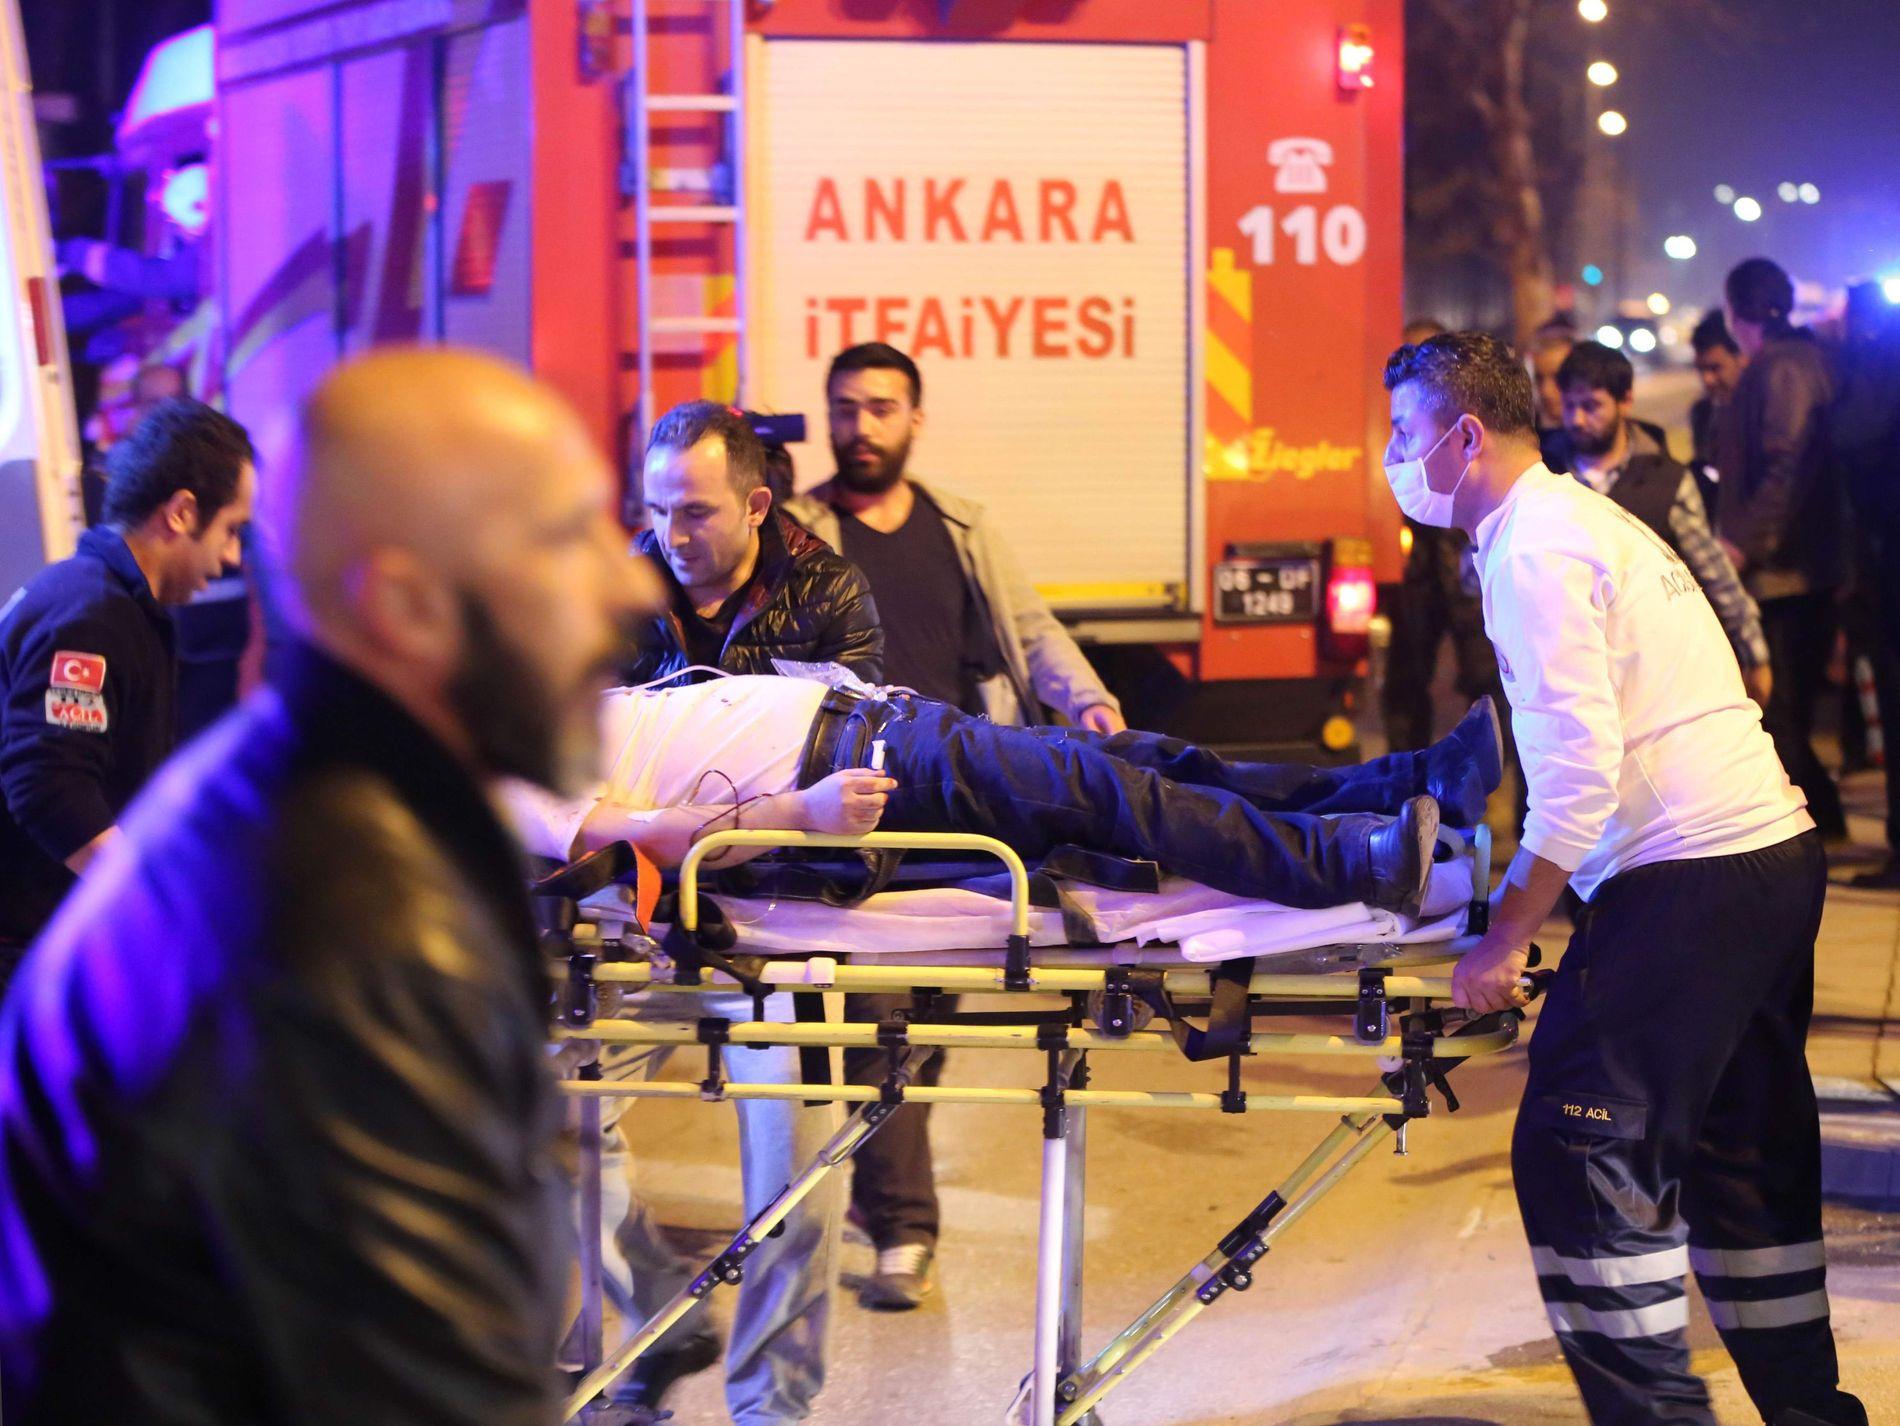 ANKARA, 17. FEBRUAR: Slike opprivende scener blir stadig mer vanlig i Tyrkia. 28 personer ble drept denne dagen da en bombe eksploderte rett ved en militærleir utenfor Ankara. Foto: AFP